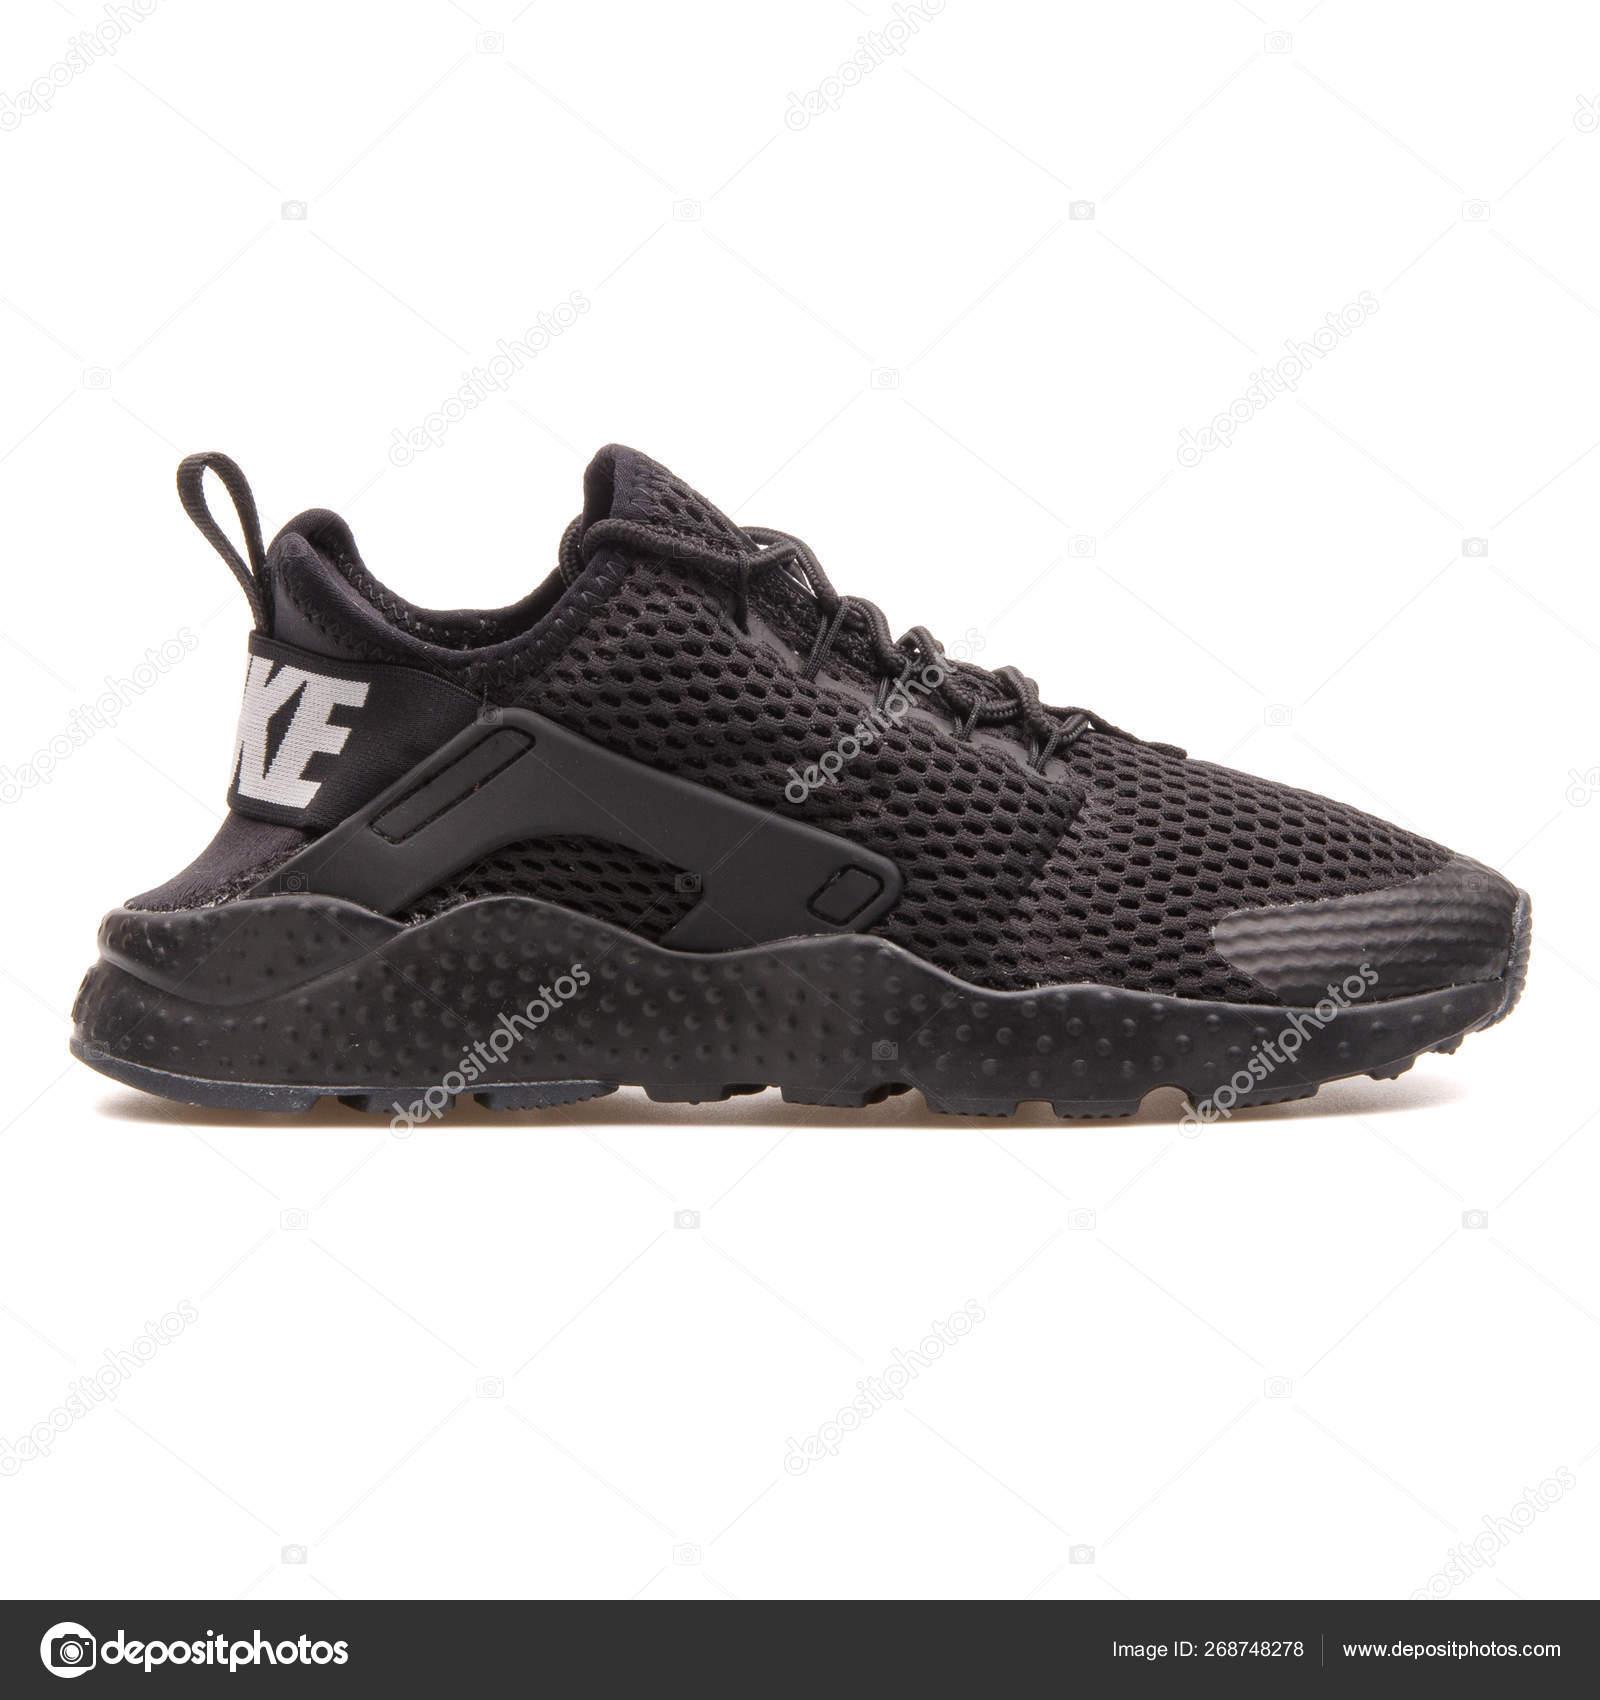 zapatillas nike huarache negras